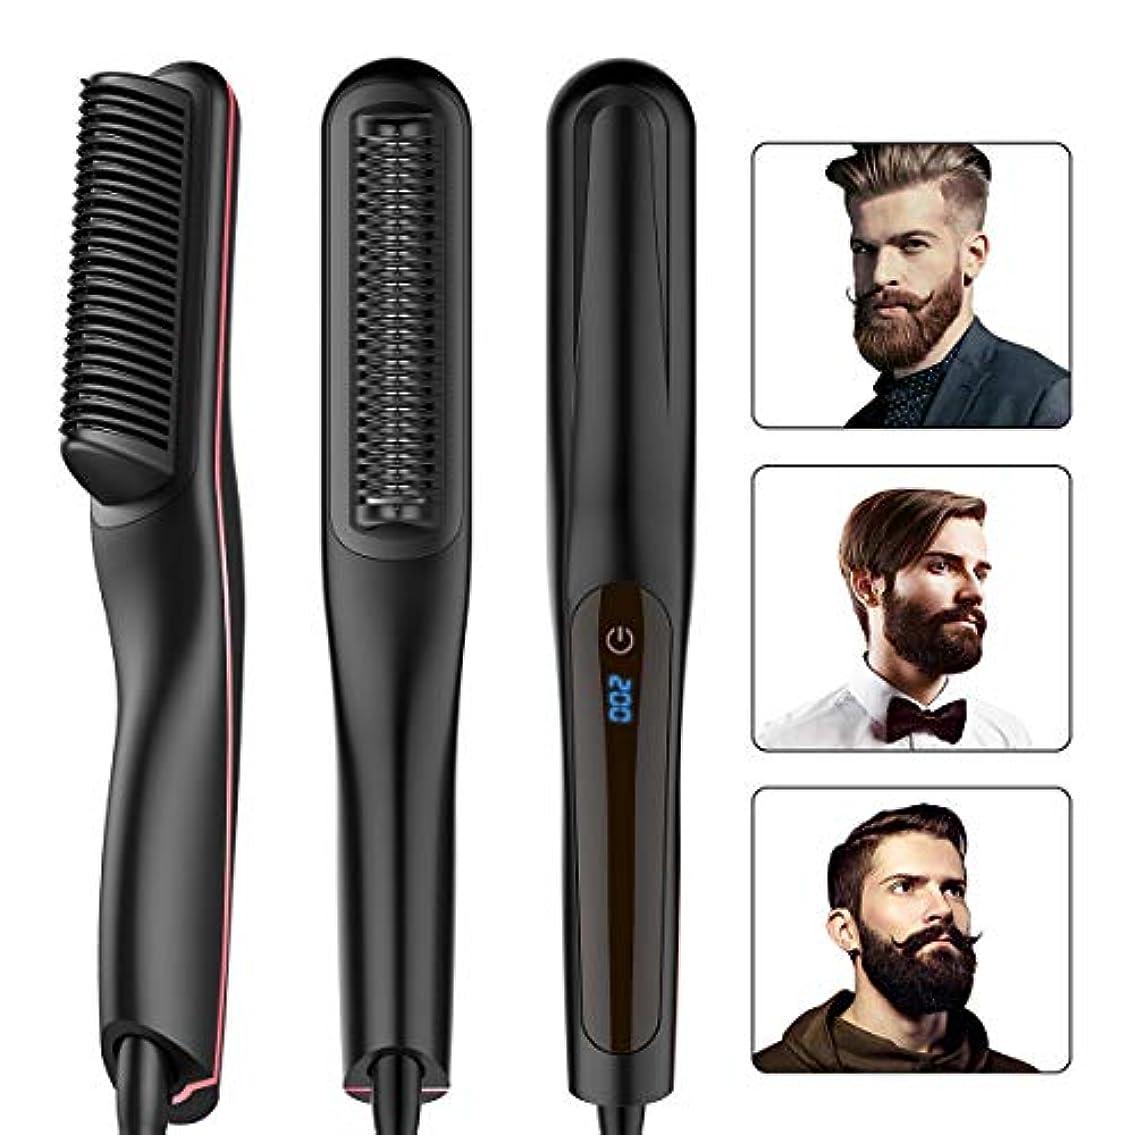 毛矯正ブラシひげ櫛-16 MM-20 MMの男性&女性電気クイックポータブル髪矯正もつれ熱ブラシを矯正,黒